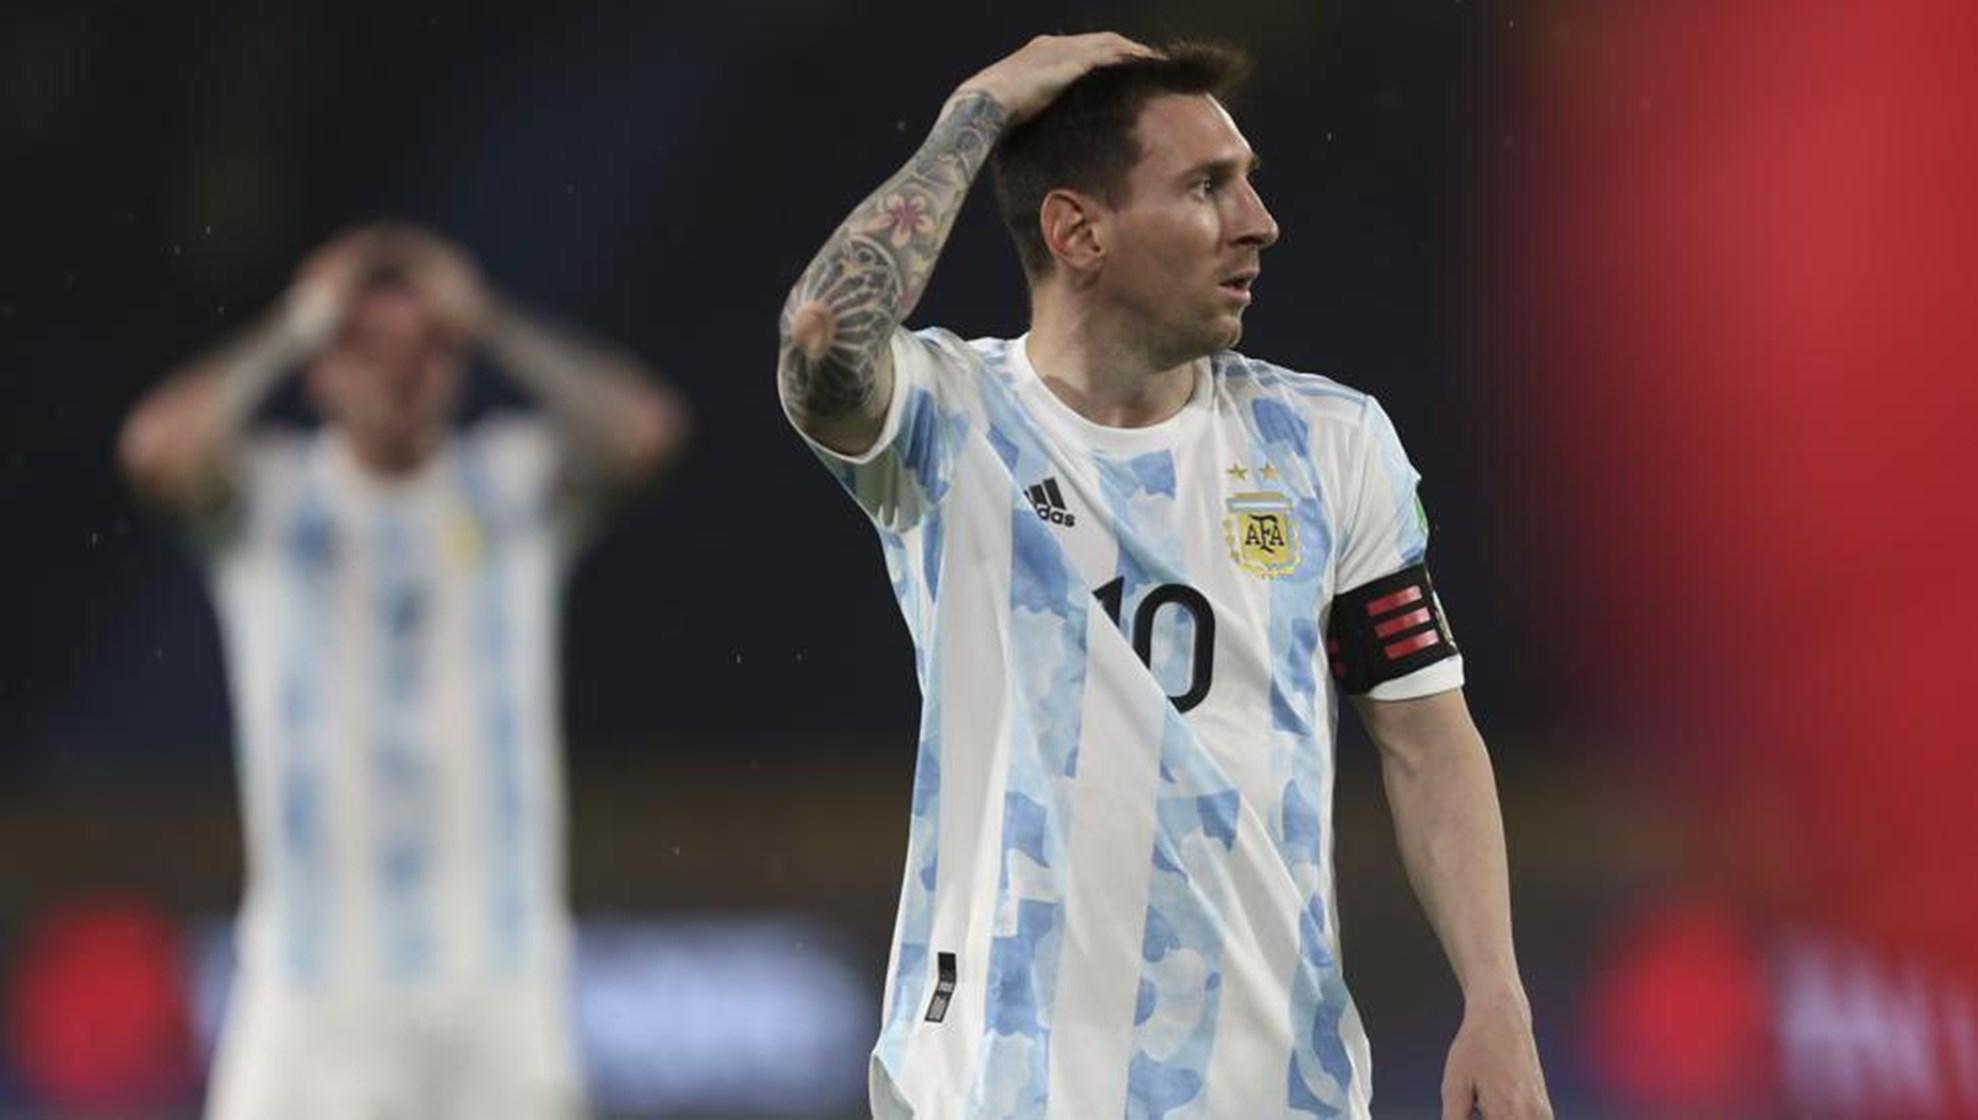 Θα σπάσει φέτος την... κατάρα με την Αργεντινή ο Μέσι;